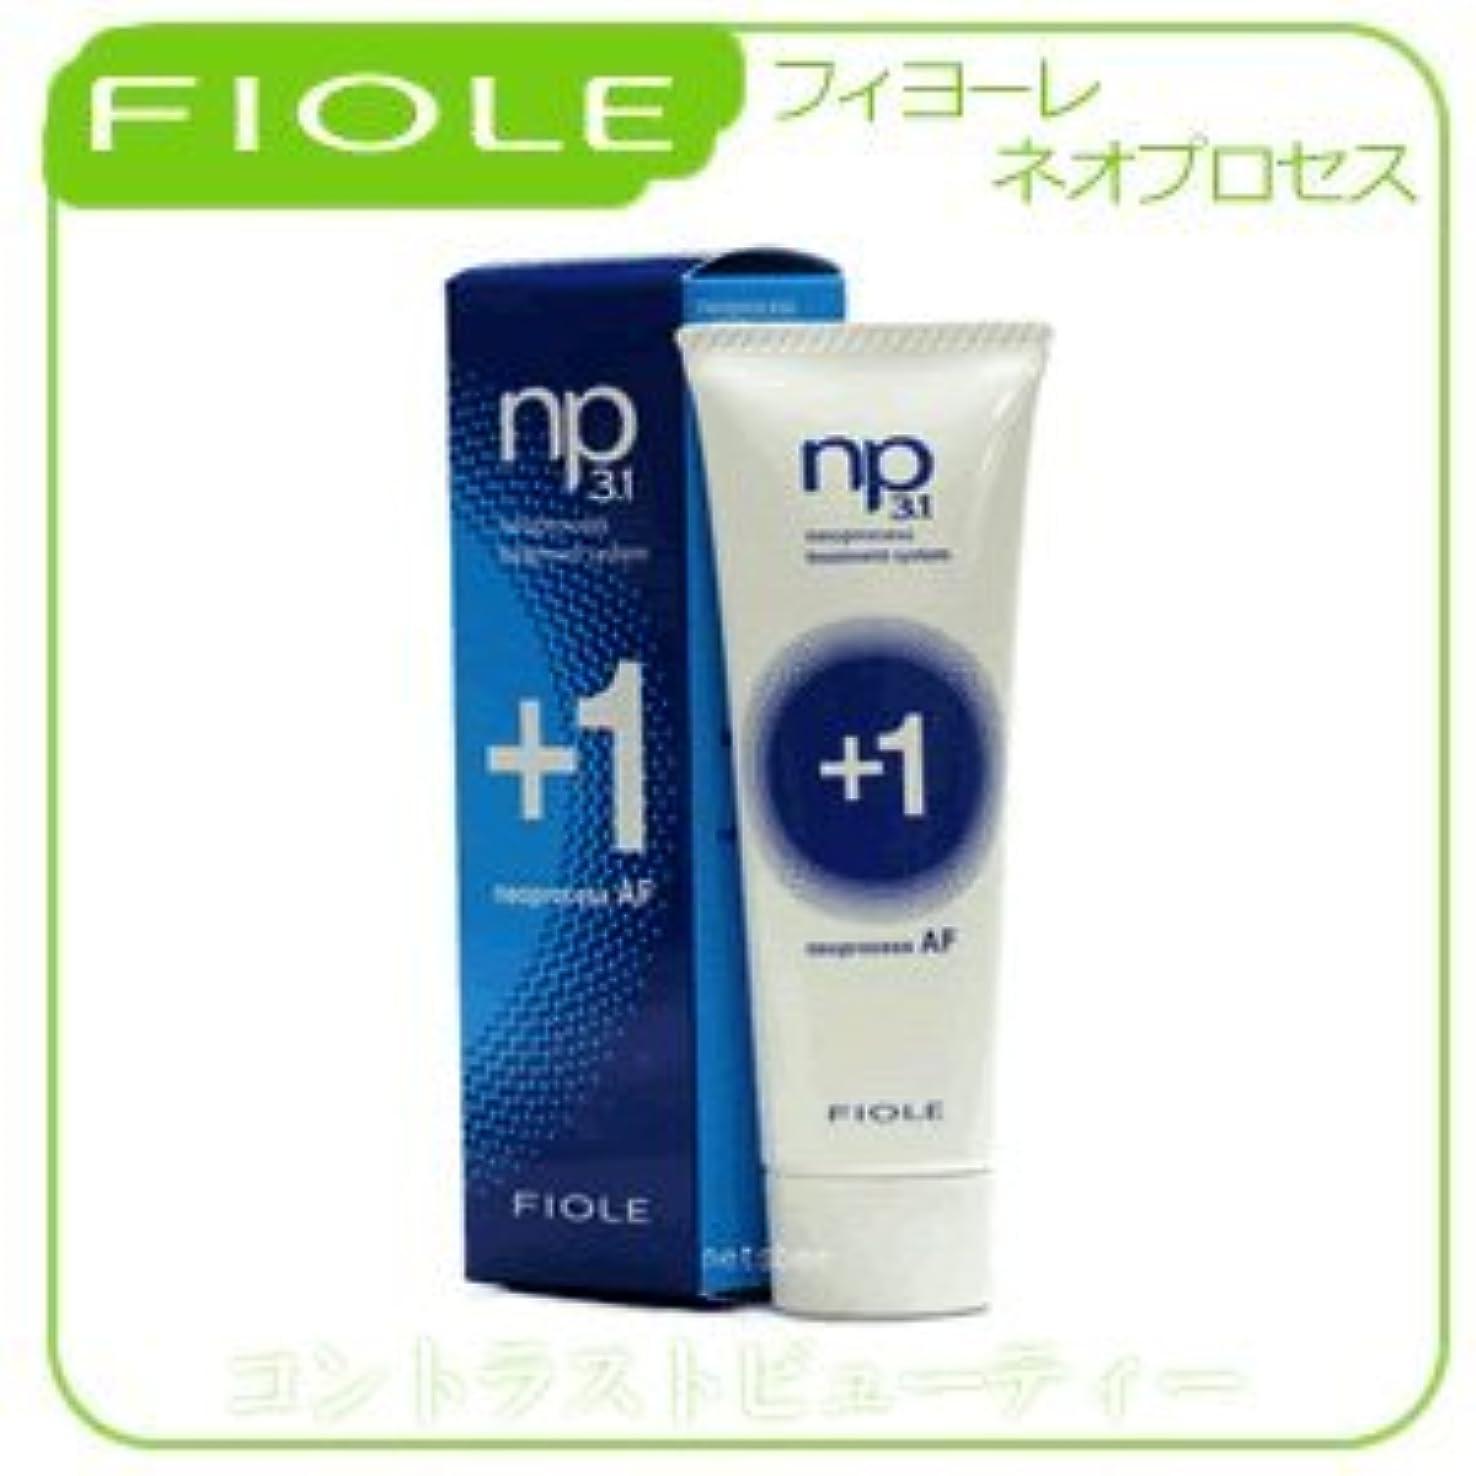 四分円慣習小数【X2個セット】 フィヨーレ NP3.1 ネオプロセス AFプラス1 240g FIOLE ネオプロセス